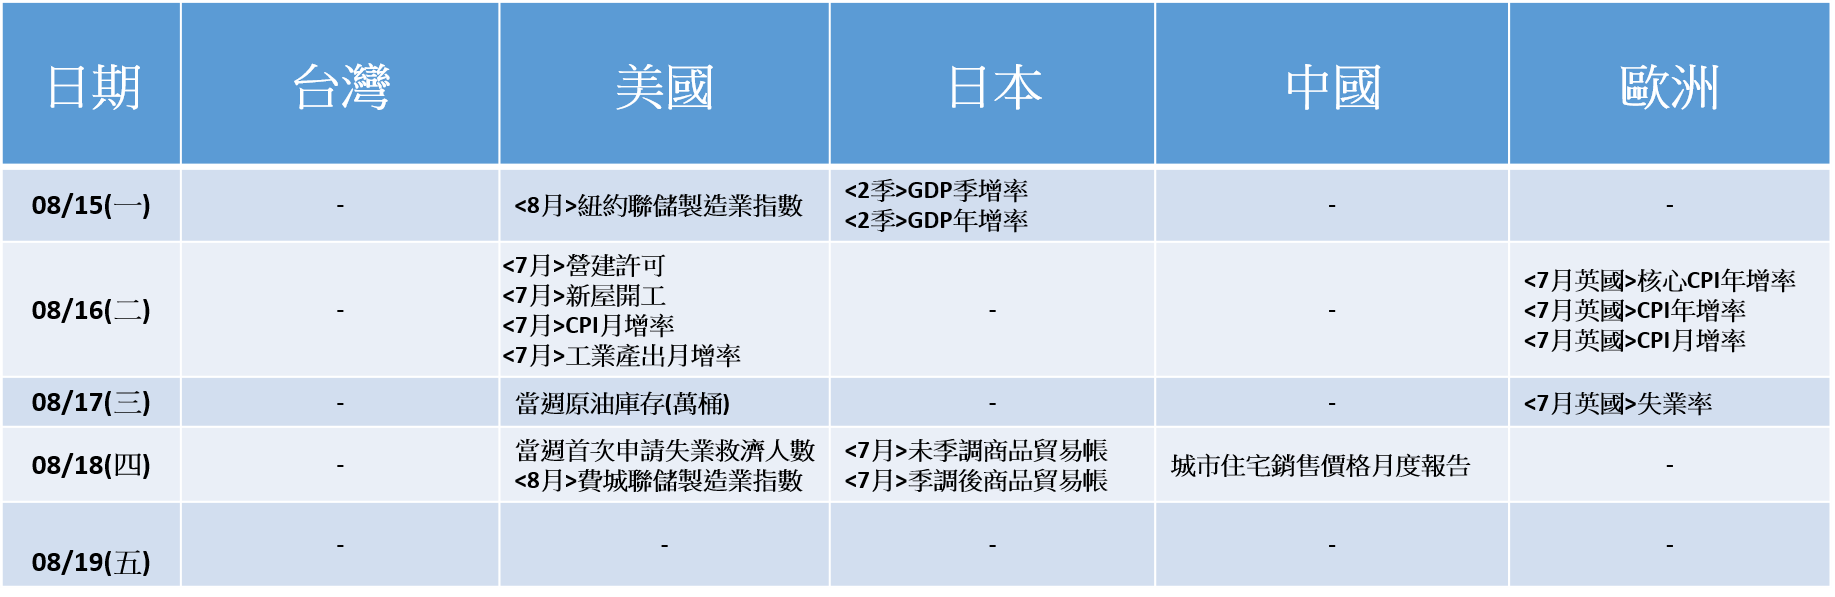 20160815~20160819_財經數據